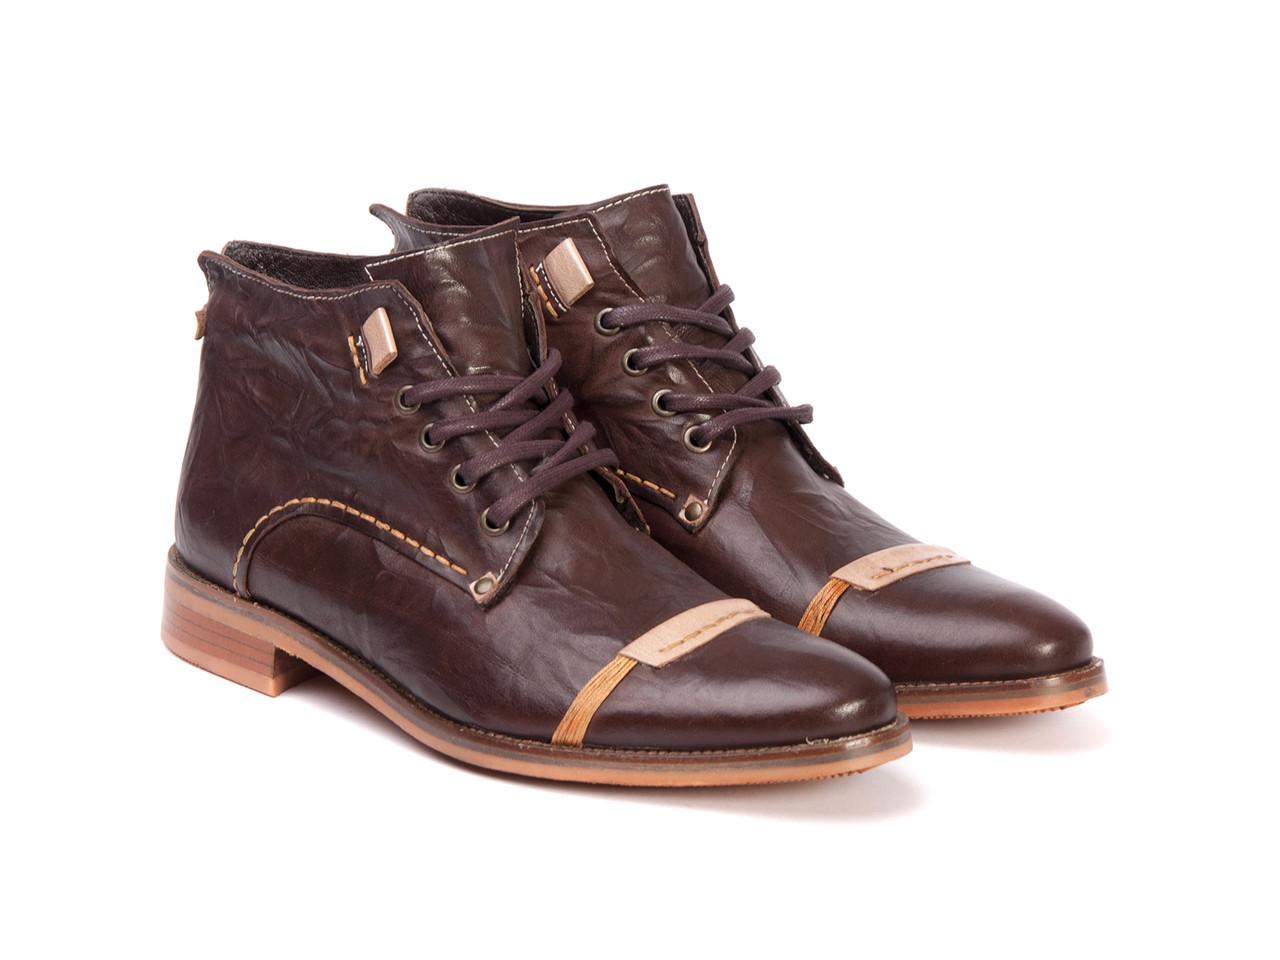 Черевики Etor 4691-5377-03 43 коричневі